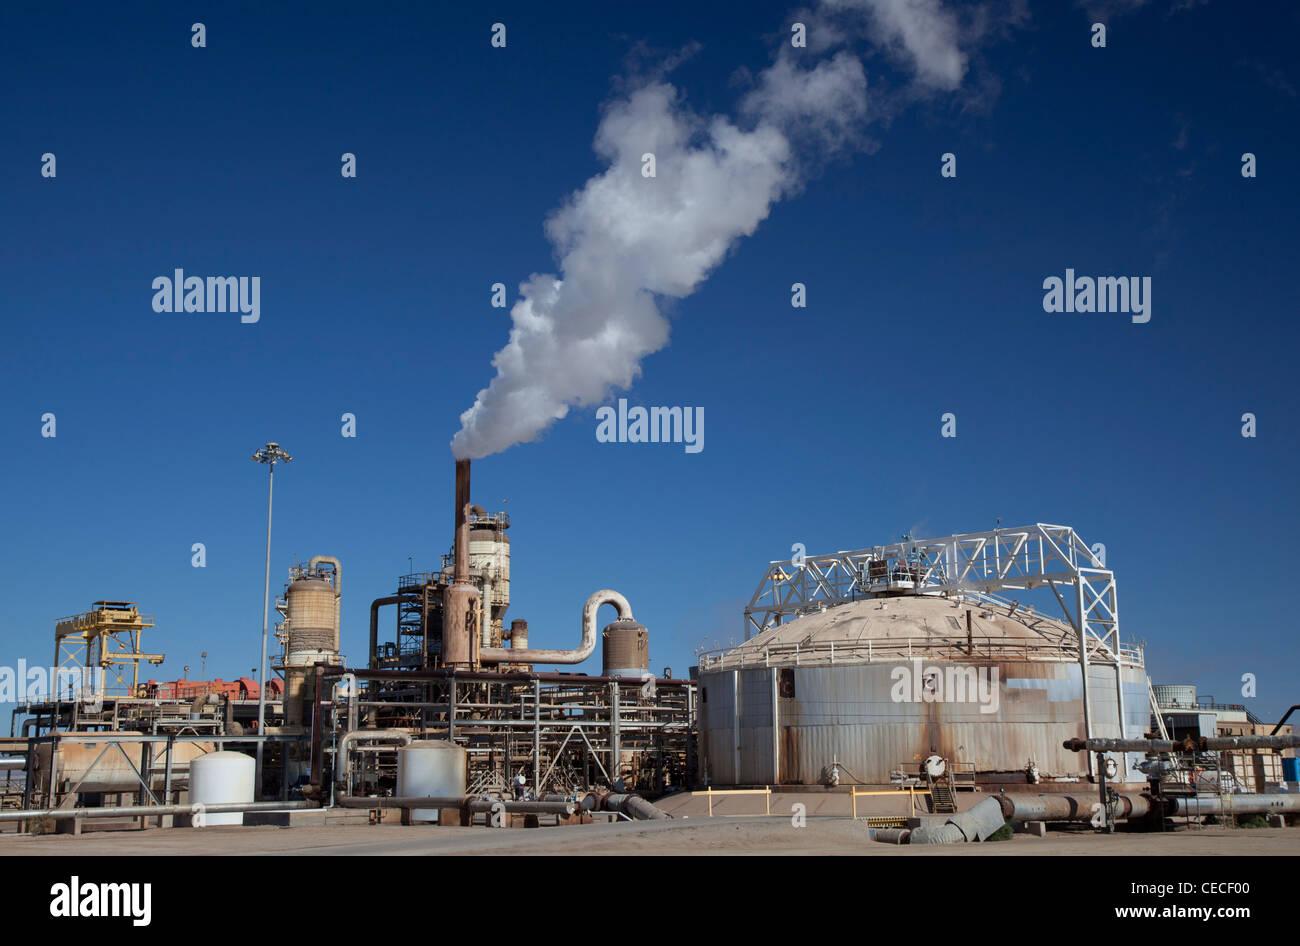 Calipatria, California - una energia geotermica impianto azionato da CalEnergy della California Valle Imperiale. Immagini Stock